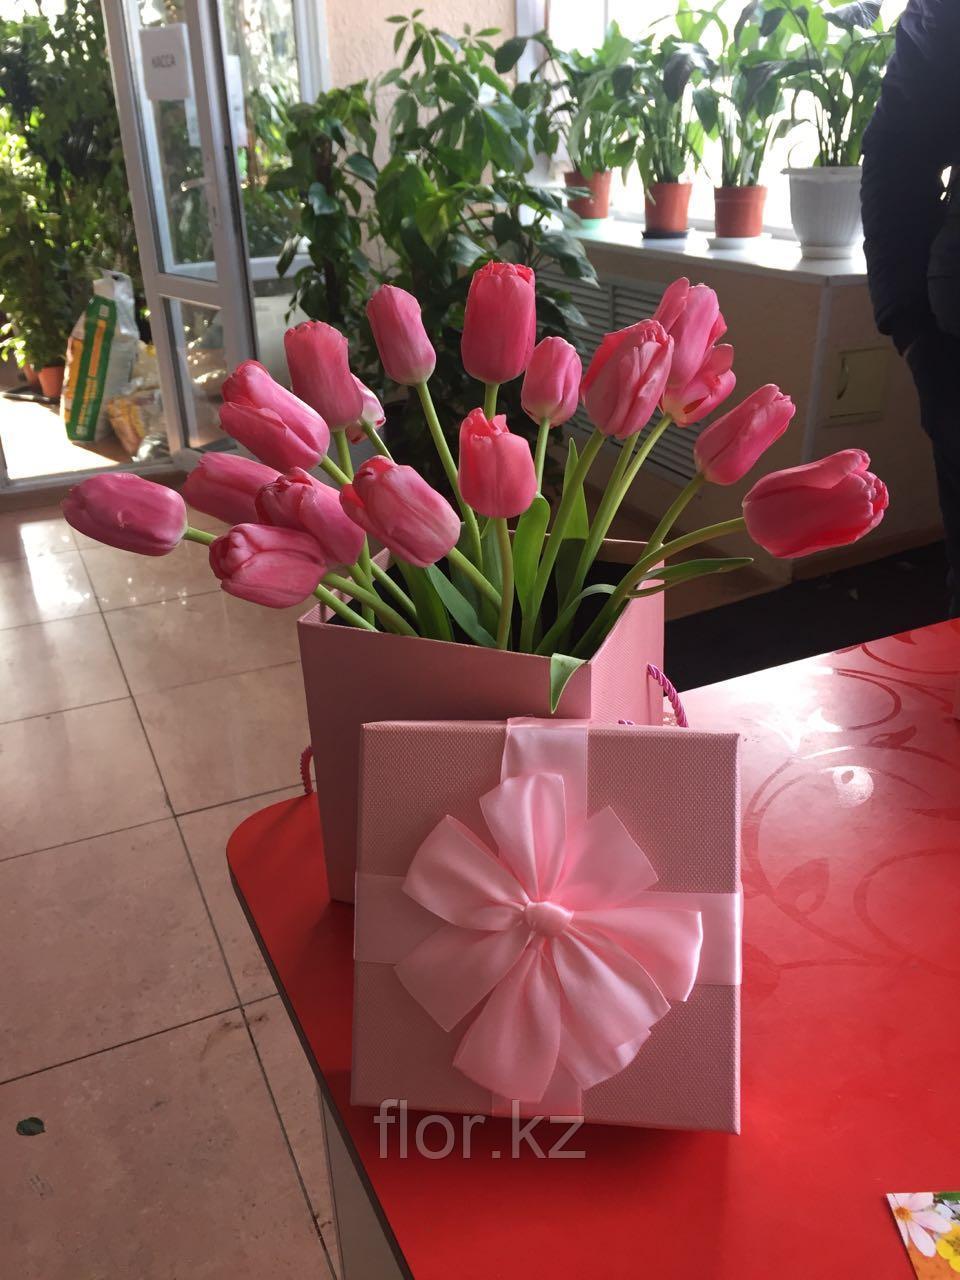 Тюльпаны оптом к 8 марта - фото 3